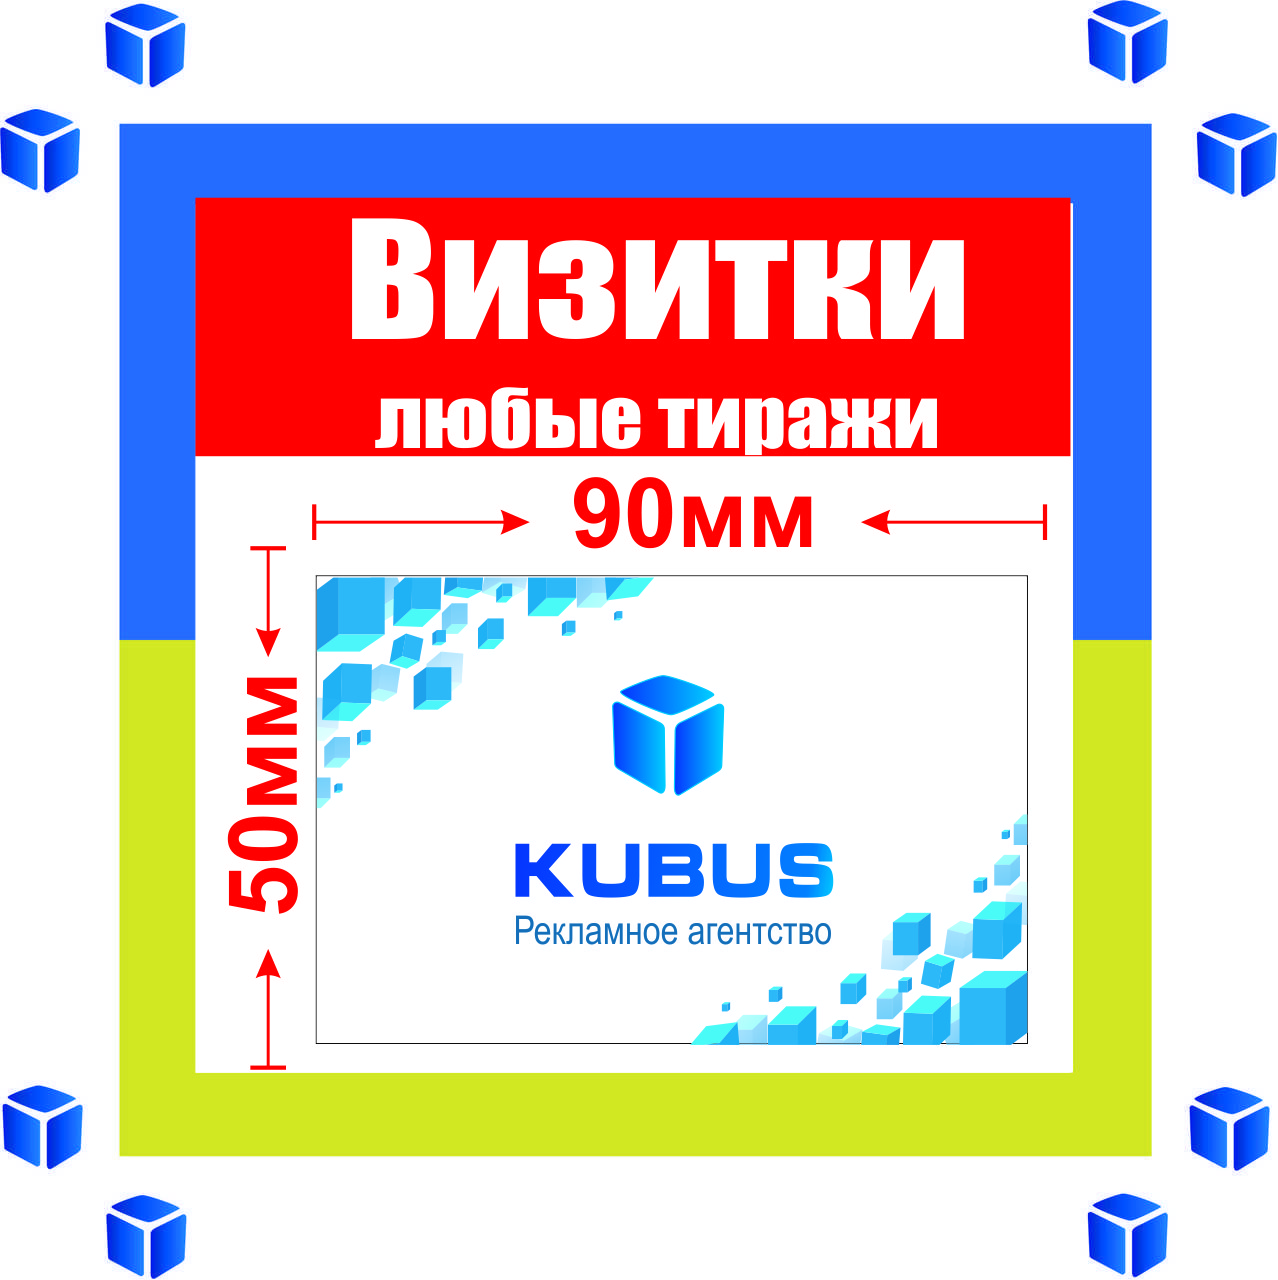 Визитки цветные двухсторонние 1000 шт(любые тиражи/матовый лак/ 4 дня)online